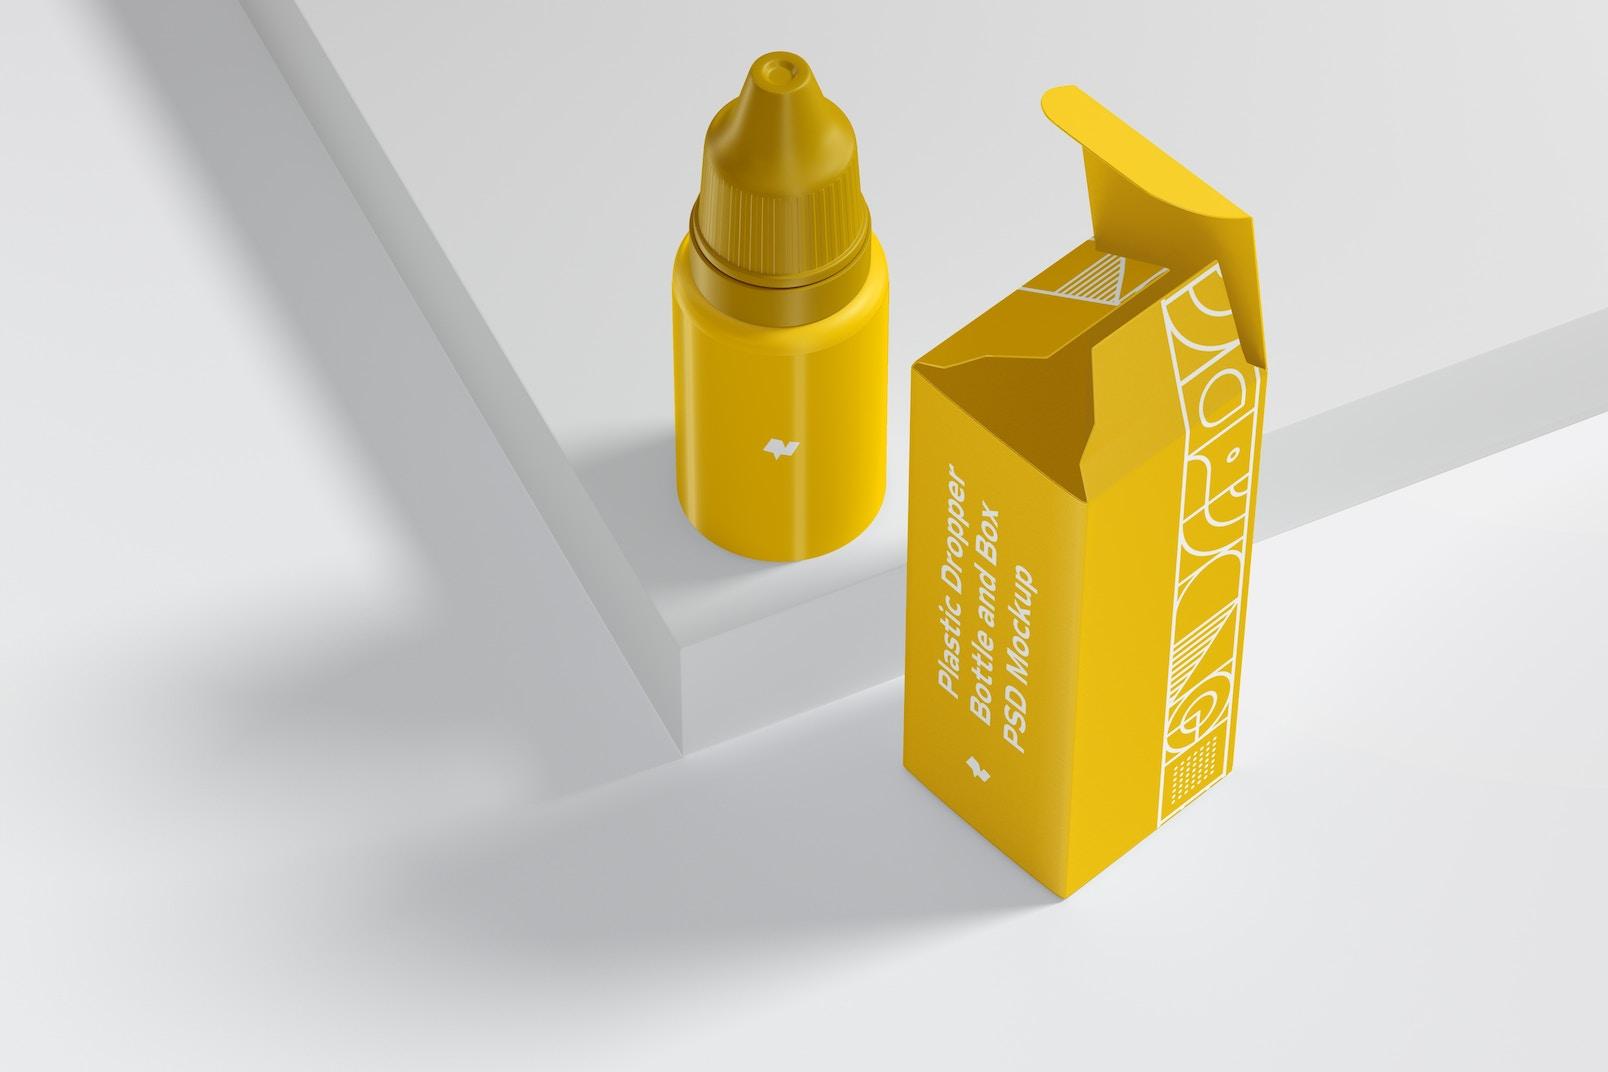 Maqueta de Botella Plástica con Gotero y Caja, Perspectiva